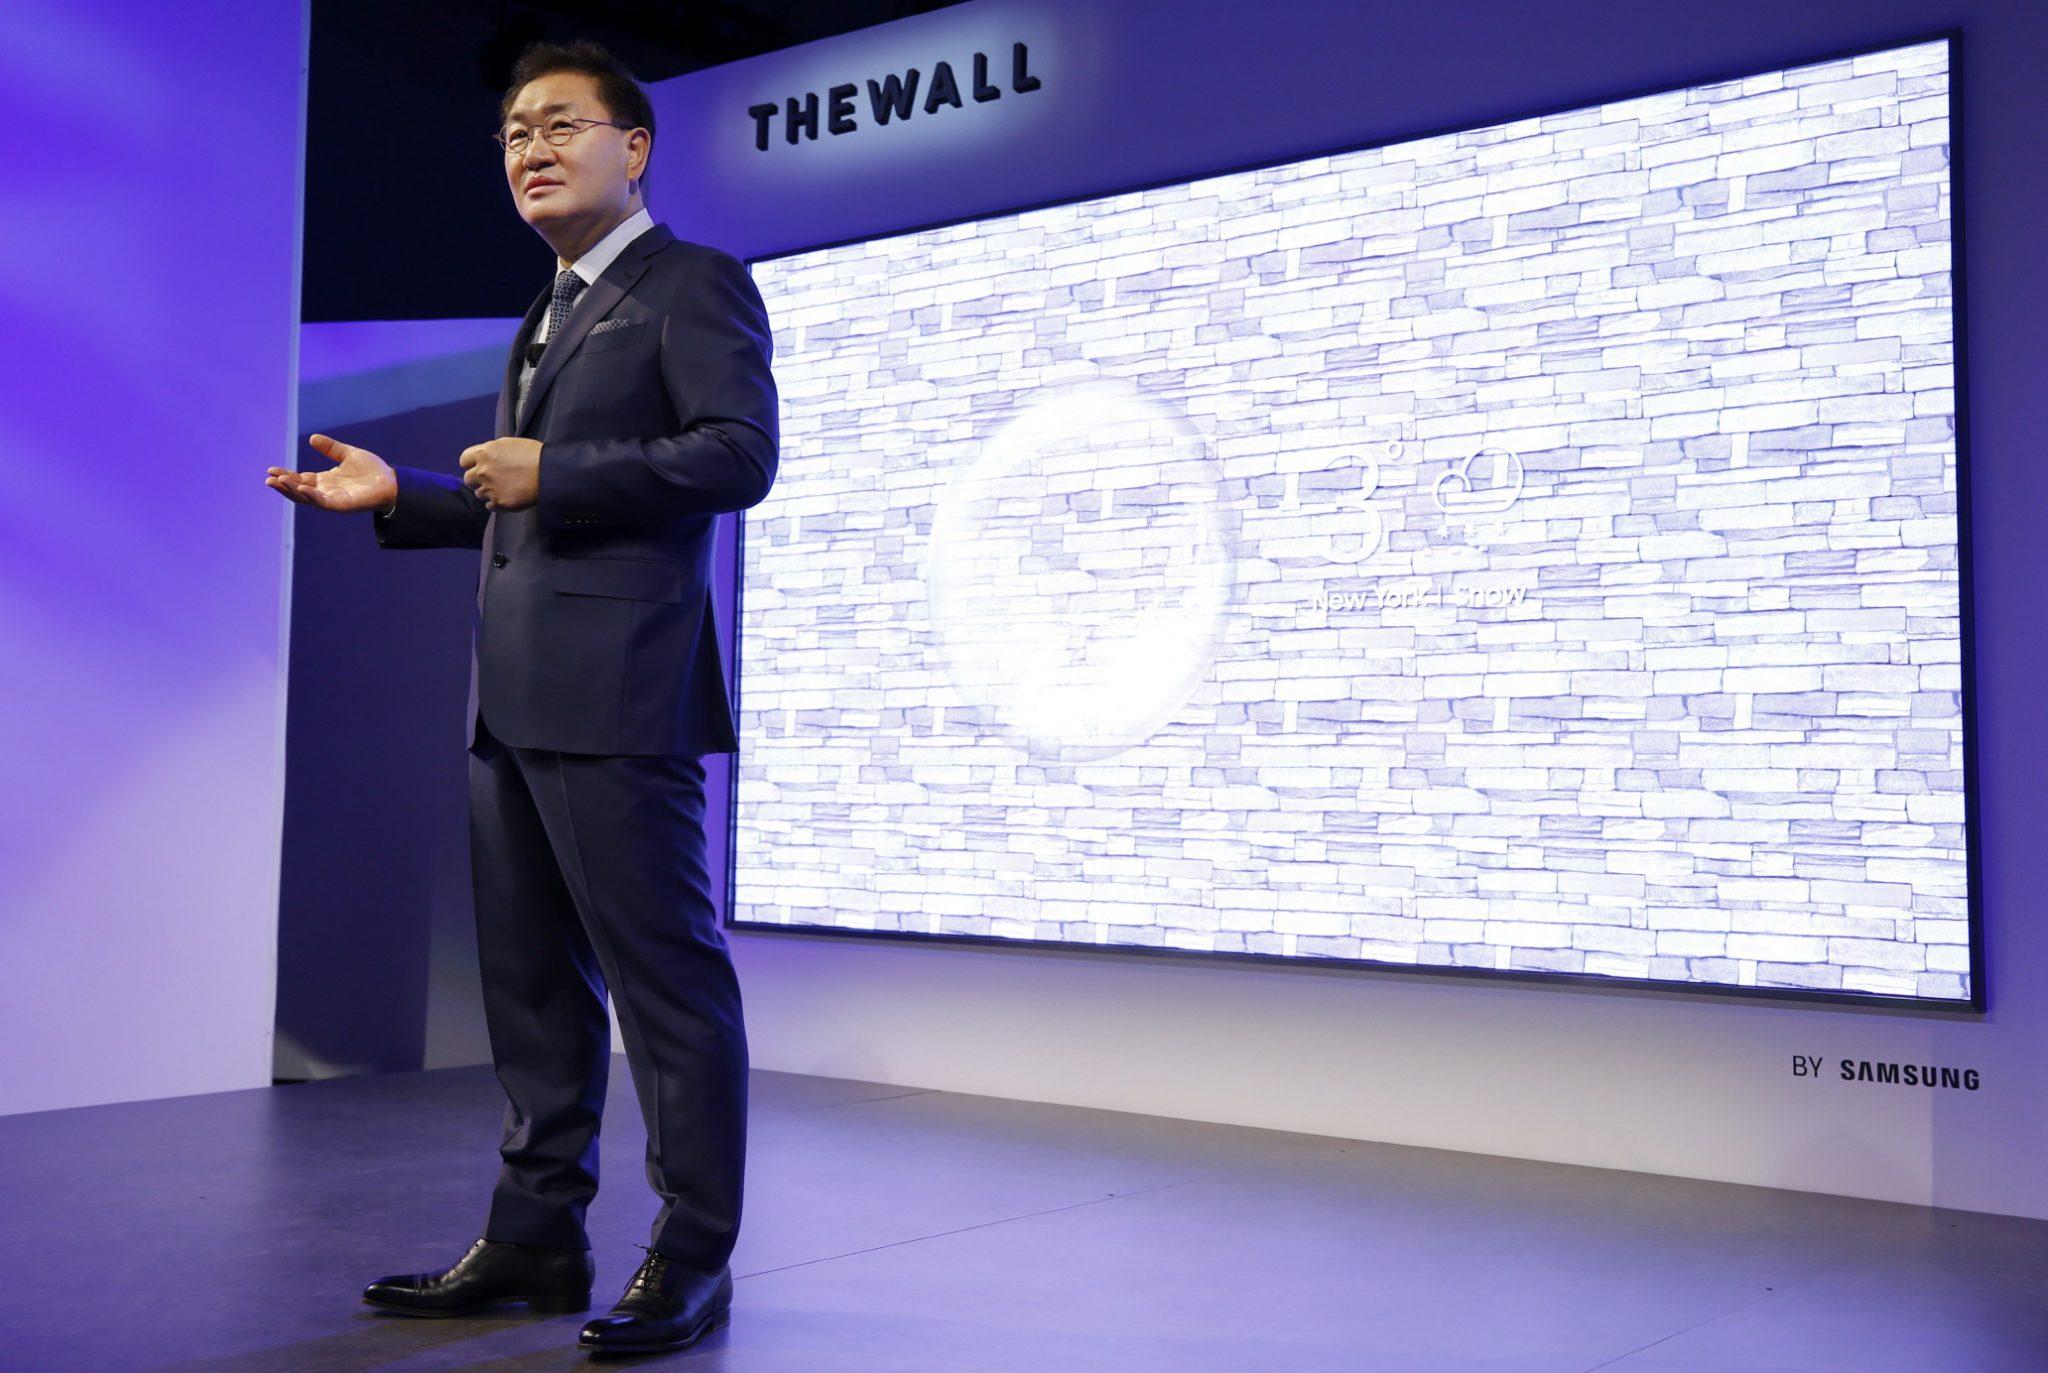 Micro-LED-Fernseher wie The Wall zeigen dank LED-Technik ein sehr helles Bild (Bild: Samsung)